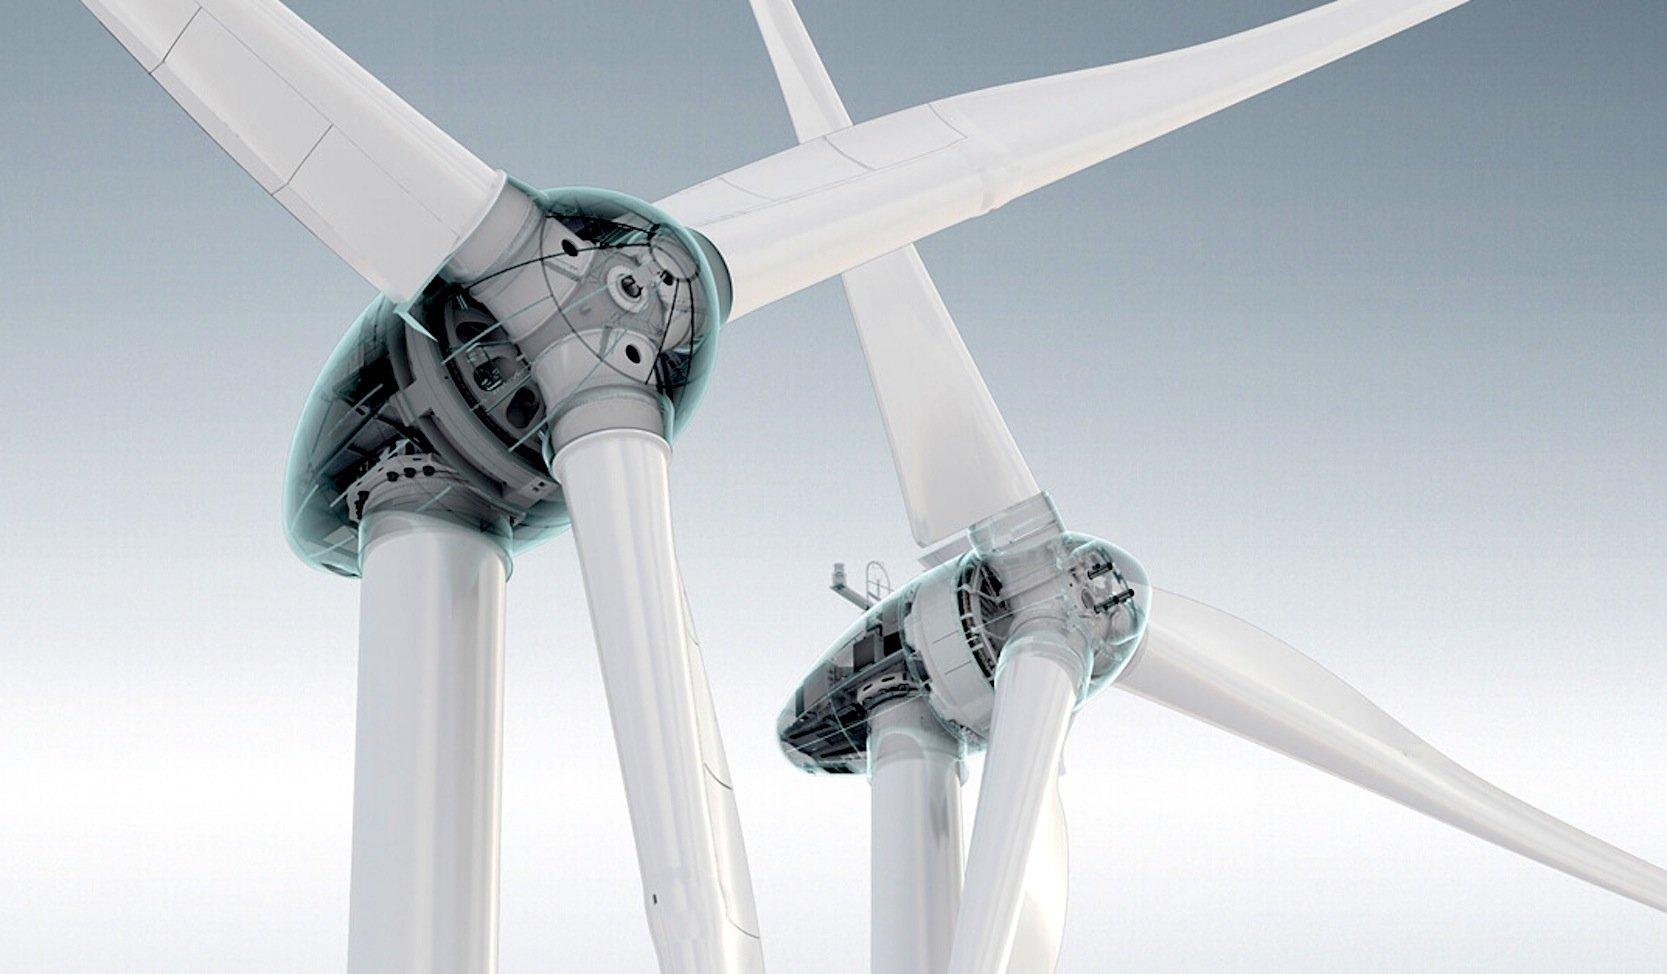 Die Form der Windturbinen des Auricher Herstellers Enercon hat der Architekt Sir Norman Foster entwickelt.